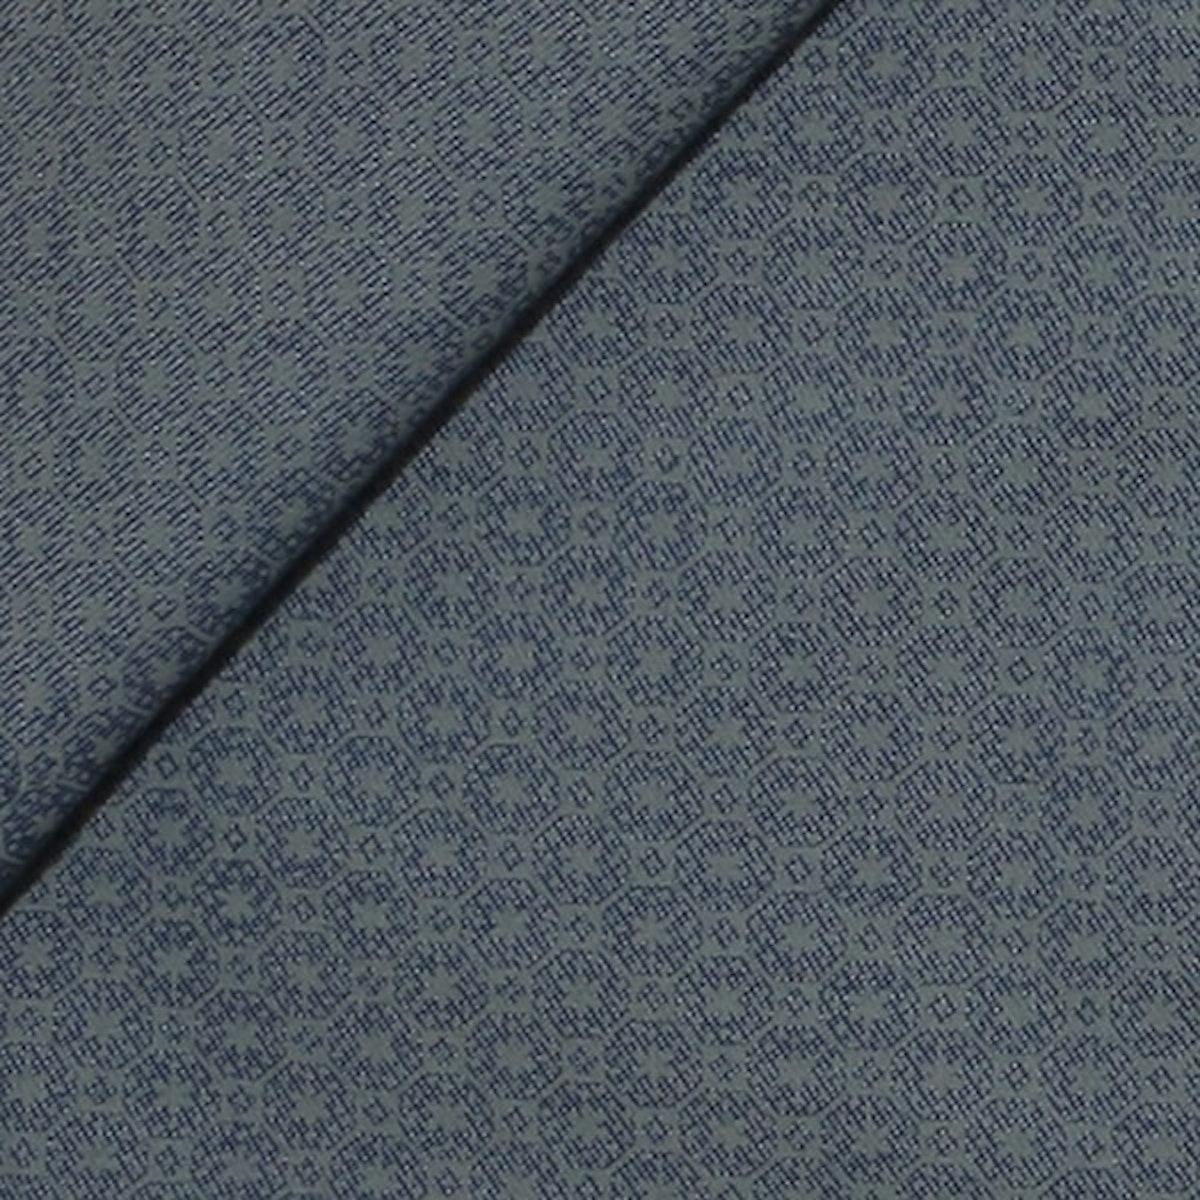 InStitchu Shirt Fabric 4446